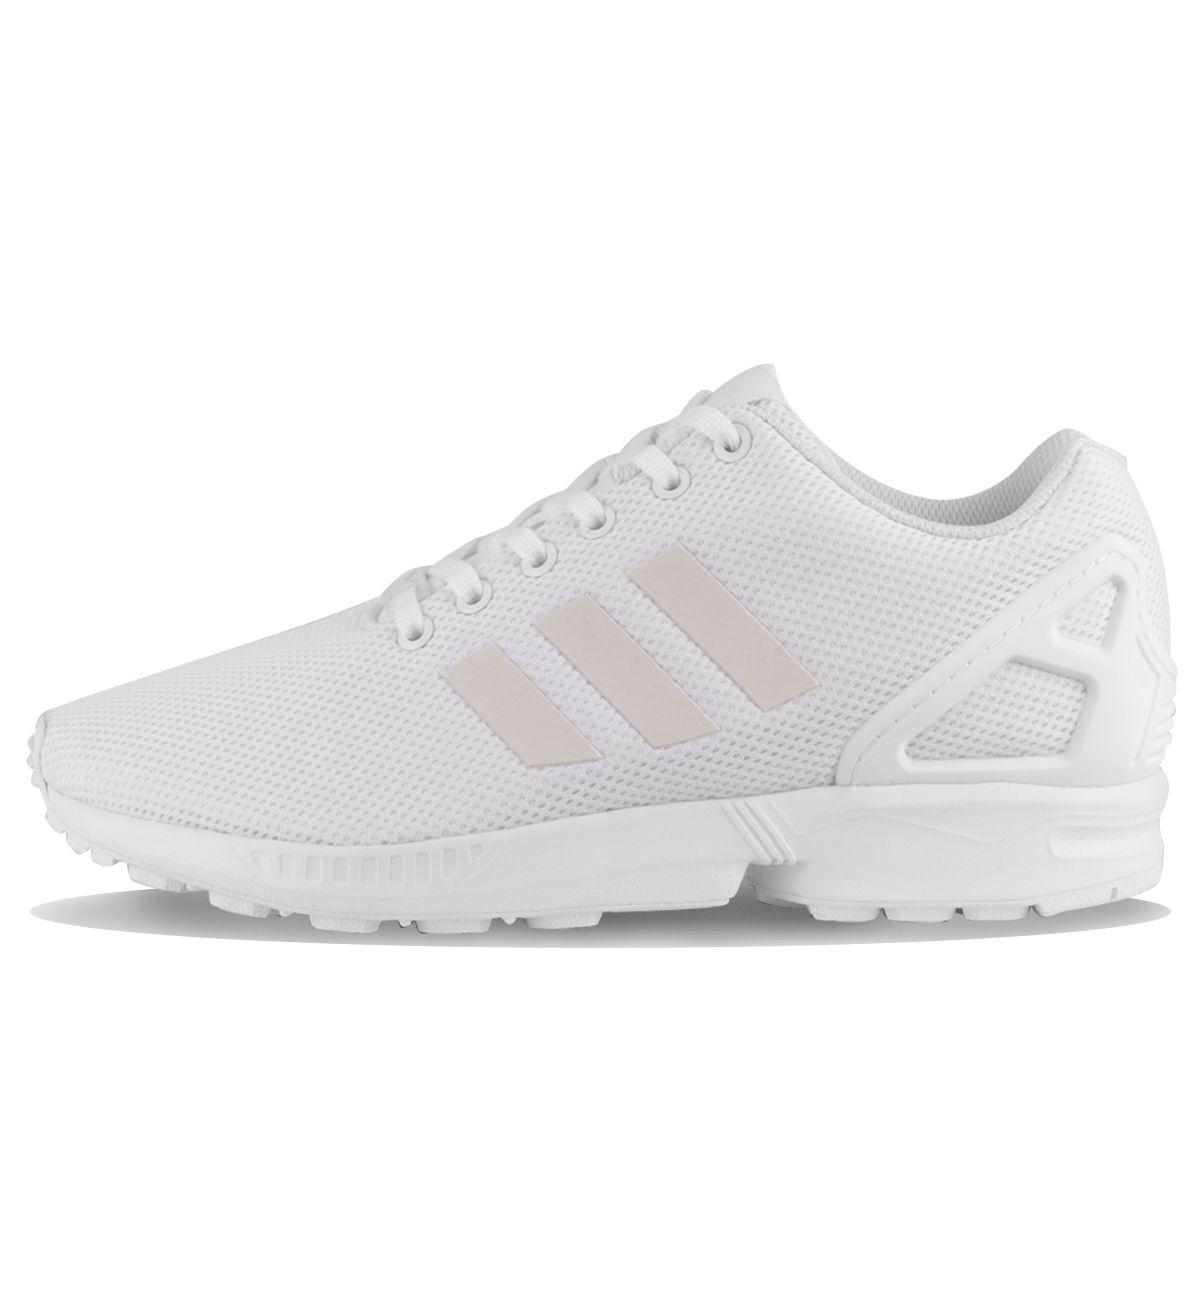 Adidas Originals ZX Flux Feather White / White - Adidas Originals The Adidas  ZX Flux in